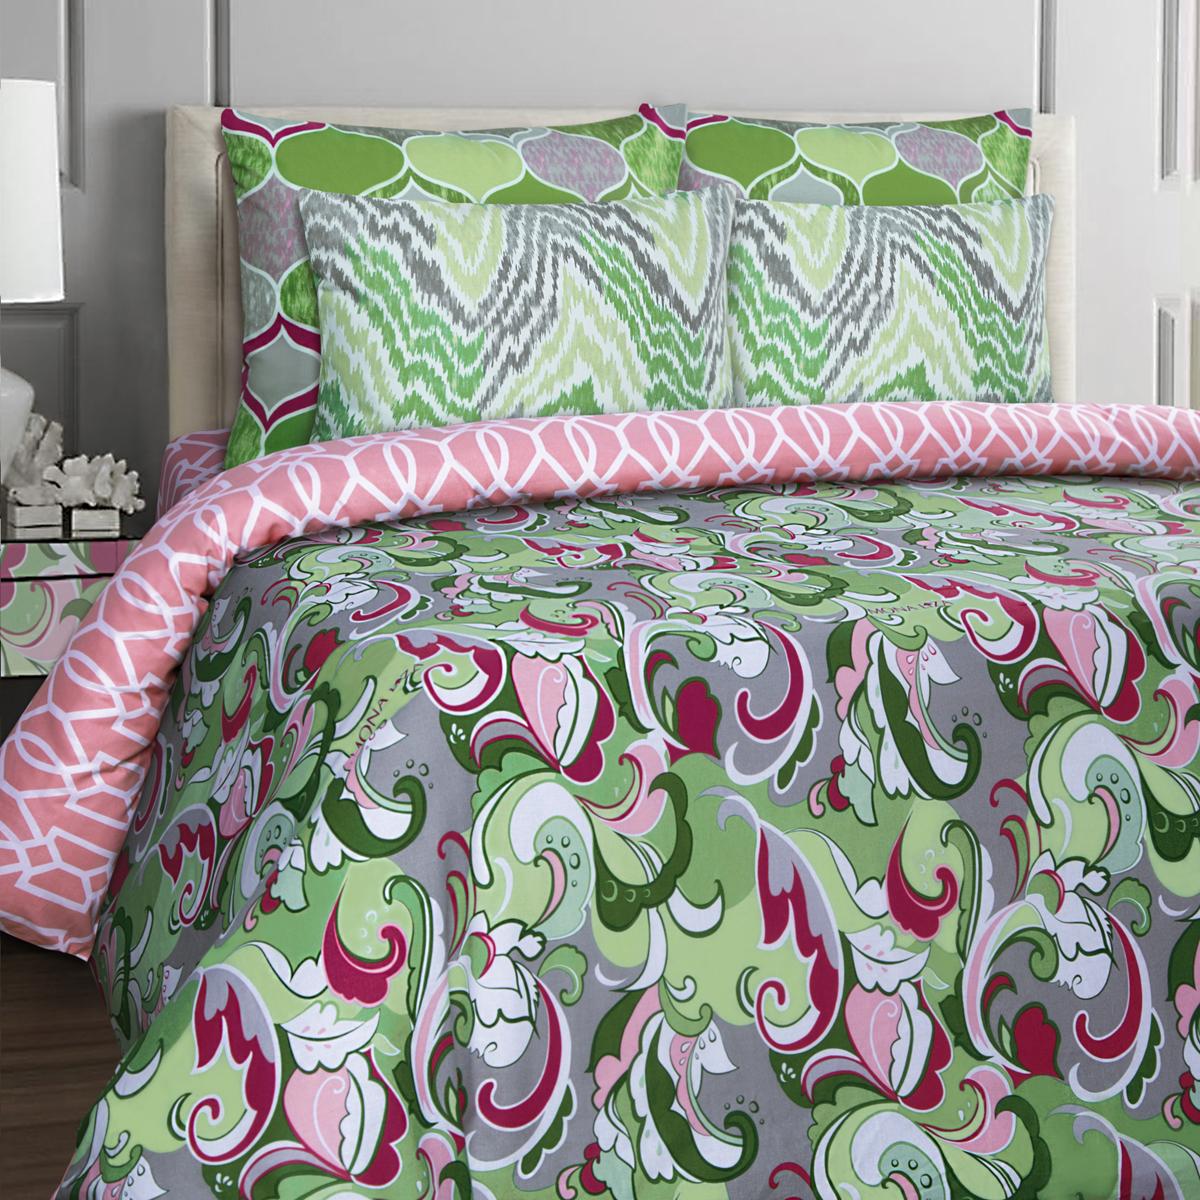 Комплект белья Mona Liza Stone Rubin, 2-спальный, наволочки 70x70. 552203-59 mona liza mona liza комплект белья 2 х спальный rosehip н 2 50 70 бязь люкс бязь люкс 2 наволочки 50х70